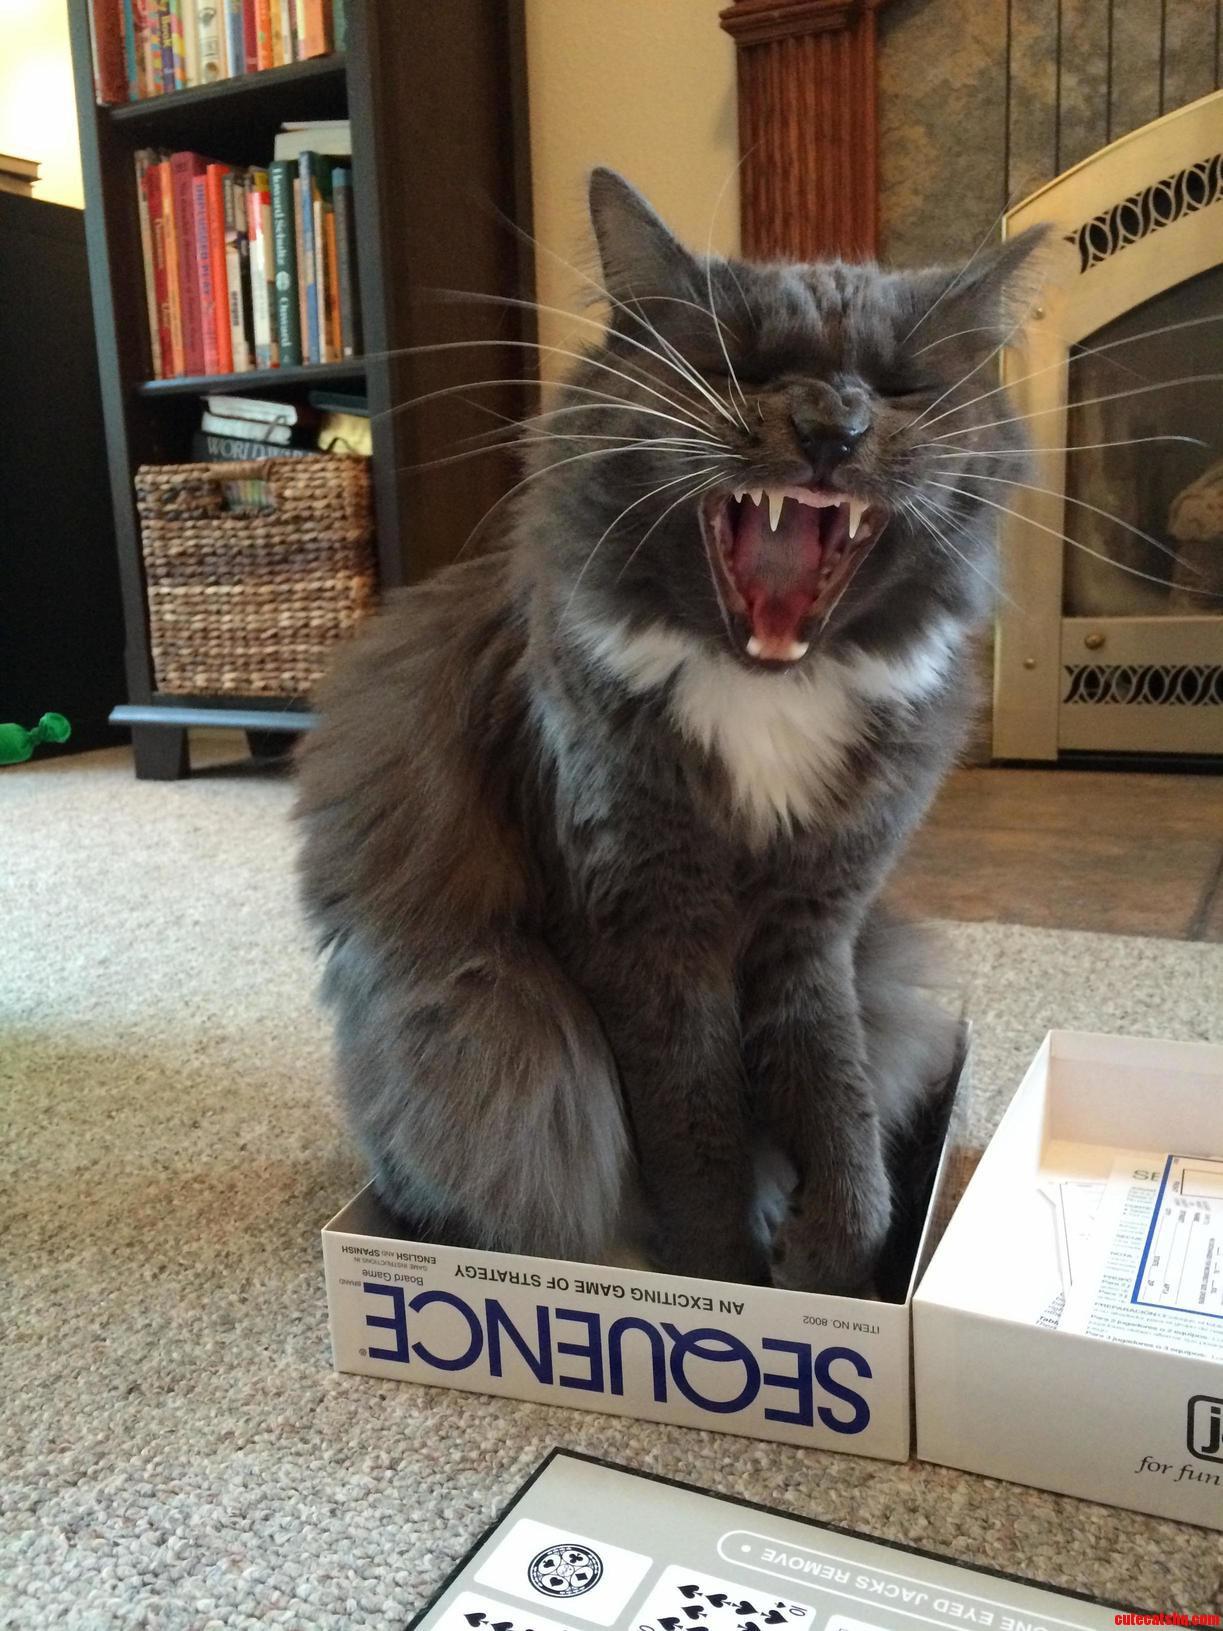 One. big. yawn.